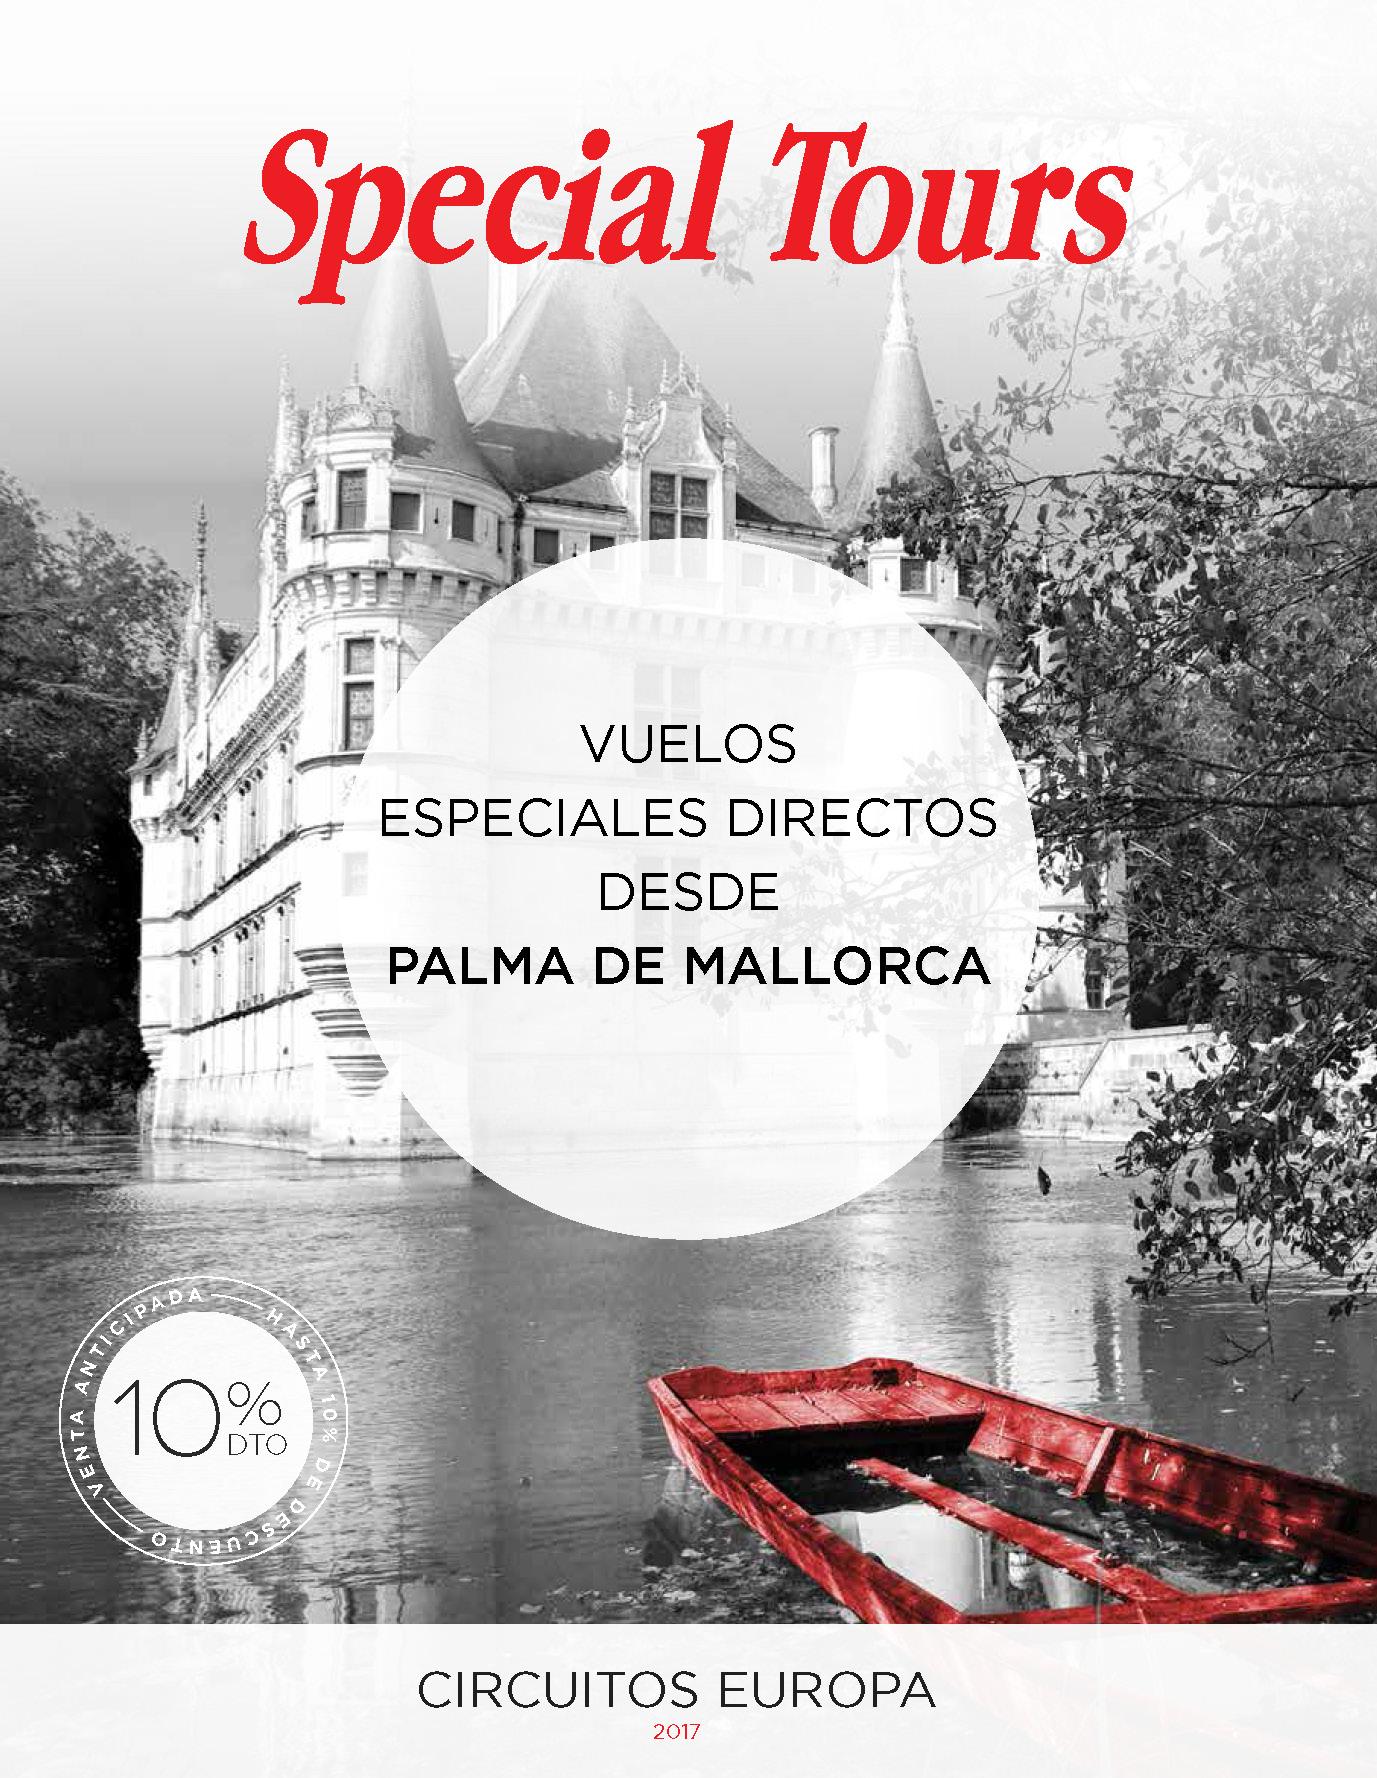 Folleto Special Tours Verano 2017 salidas vuelo directo desde Palma de Mallorca